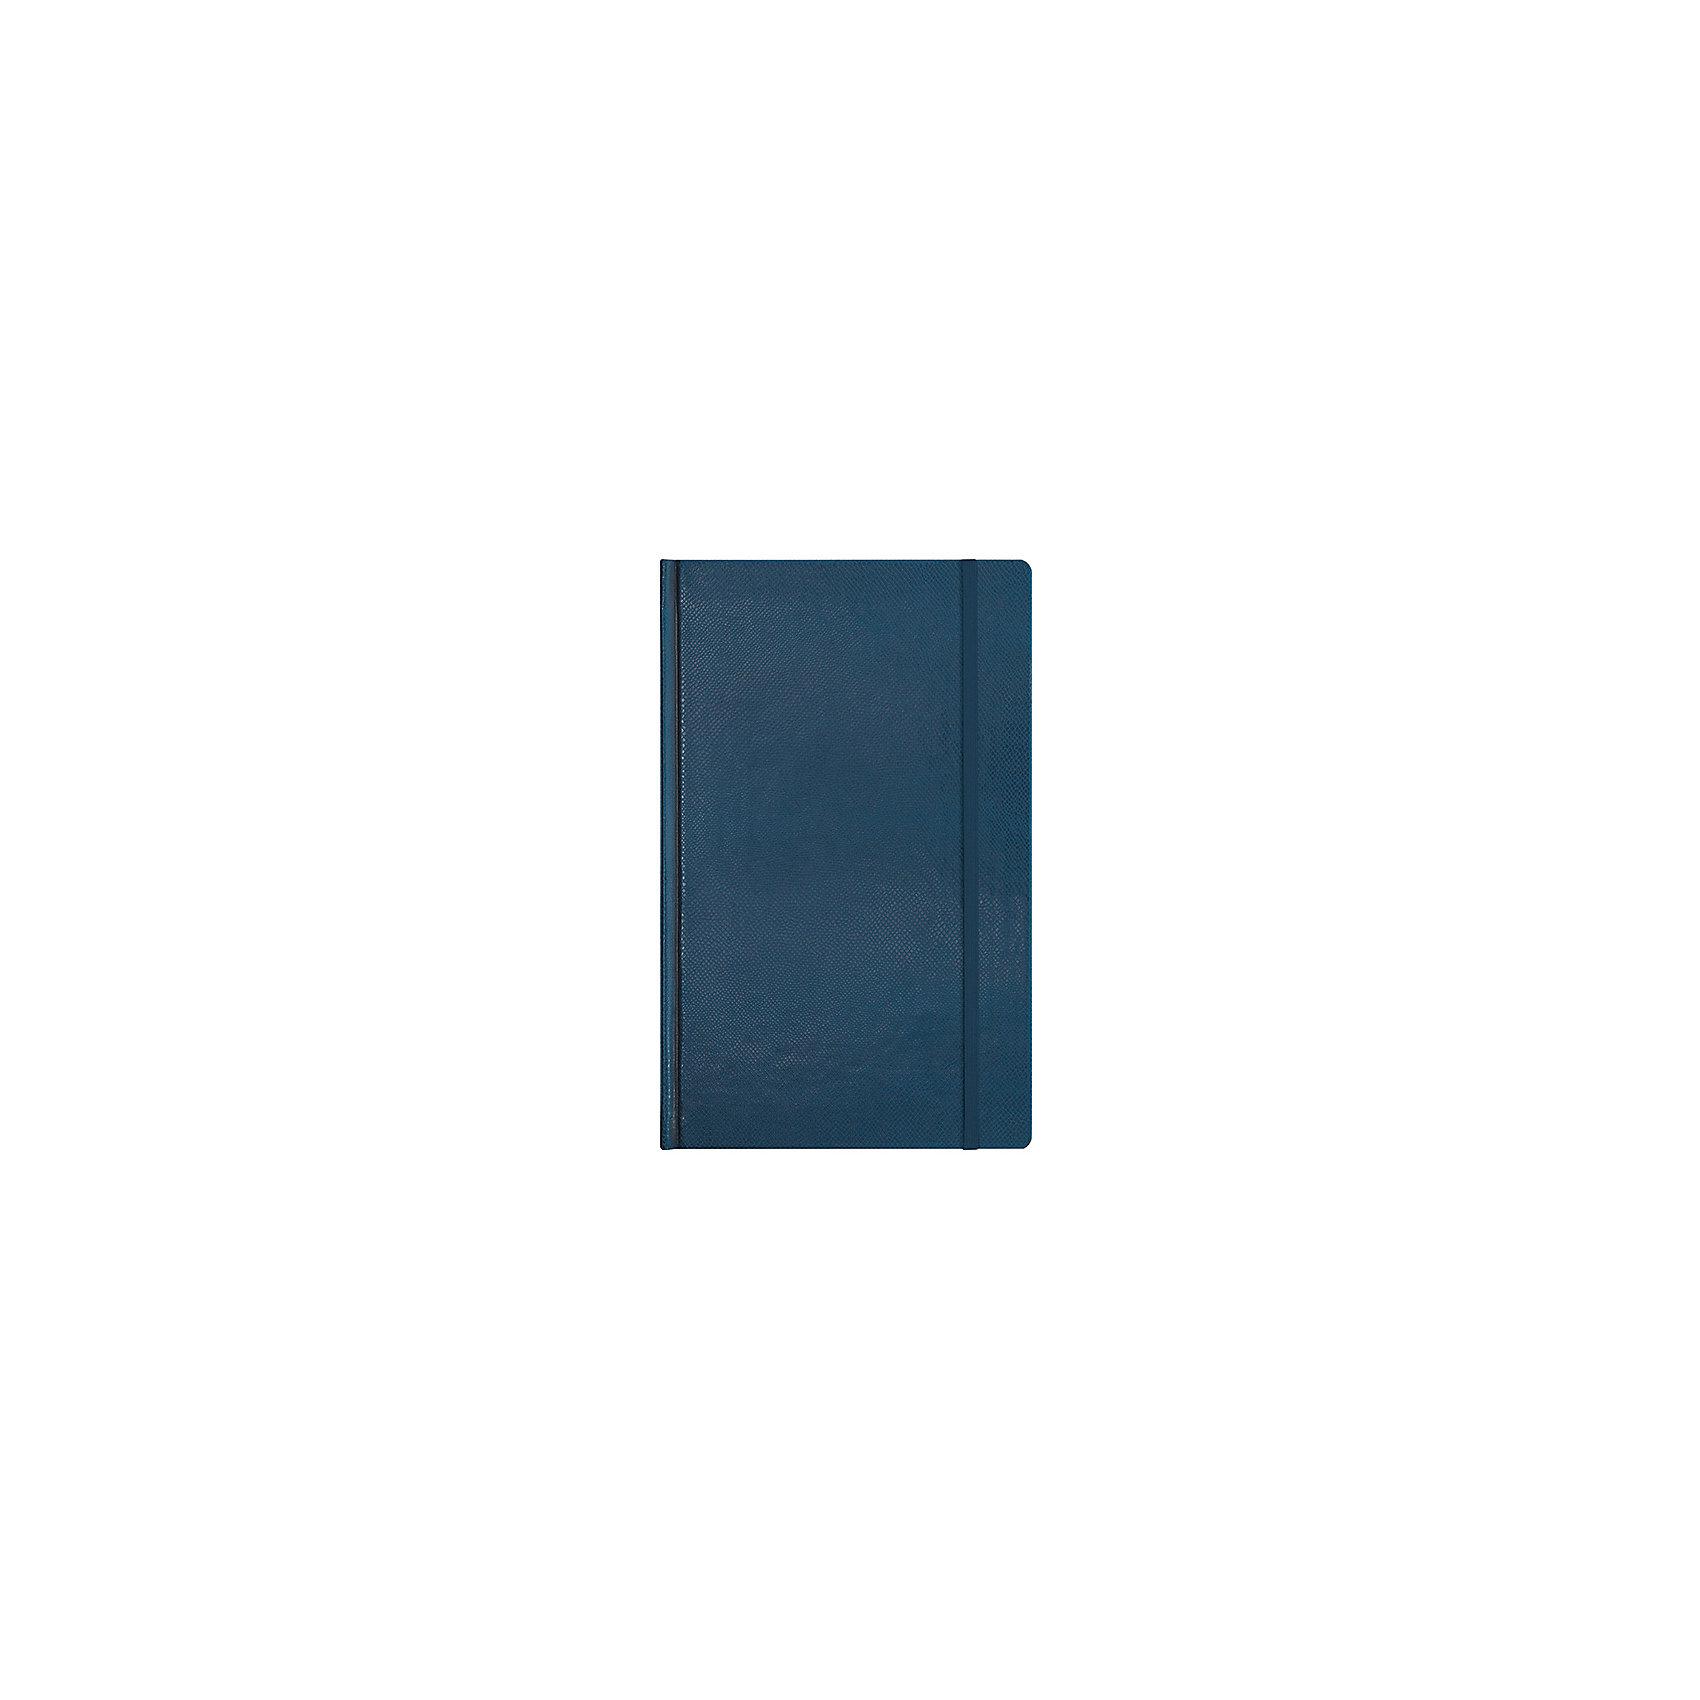 Записная книга, на резинке, 130х210, SALAMANDRA, Erich KrauseБумажная продукция<br>Записная книга, на резинке, 130х210, SALAMANDRA, Erich Krause.<br><br>Характеристики:<br><br>• Размер: 130x210 мм.<br>• Количество листов: 96<br>• Блок: сшитый, офсет 80 г/м2, линейка<br>• Вклеенная закладка<br>• Обложка: с закругленными углами, фиксирующей резинкой, петлей для ручки<br>• Материал обложки: картон, искусственная кожа с тиснением под рептилию<br>• Цвет: темно-синий<br><br>Надежная твердая обложка из плотного картона, обтянутого искусственной кожей с тиснением под рептилию, сохранит ее в аккуратном состоянии на протяжении всего времени использования. В начале книжки имеется страничка для заполнения личных данных владельца, четыре страницы для заполнения адресов, телефонов и интернет-почты и четыре страницы для заполнения сайтов и ссылок. <br><br>Записную книгу, на резинке, 130х210, SALAMANDRA, Erich Krause можно купить в нашем интернет-магазине.<br><br>Ширина мм: 130<br>Глубина мм: 210<br>Высота мм: 150<br>Вес г: 315<br>Возраст от месяцев: 204<br>Возраст до месяцев: 2147483647<br>Пол: Унисекс<br>Возраст: Детский<br>SKU: 5543317